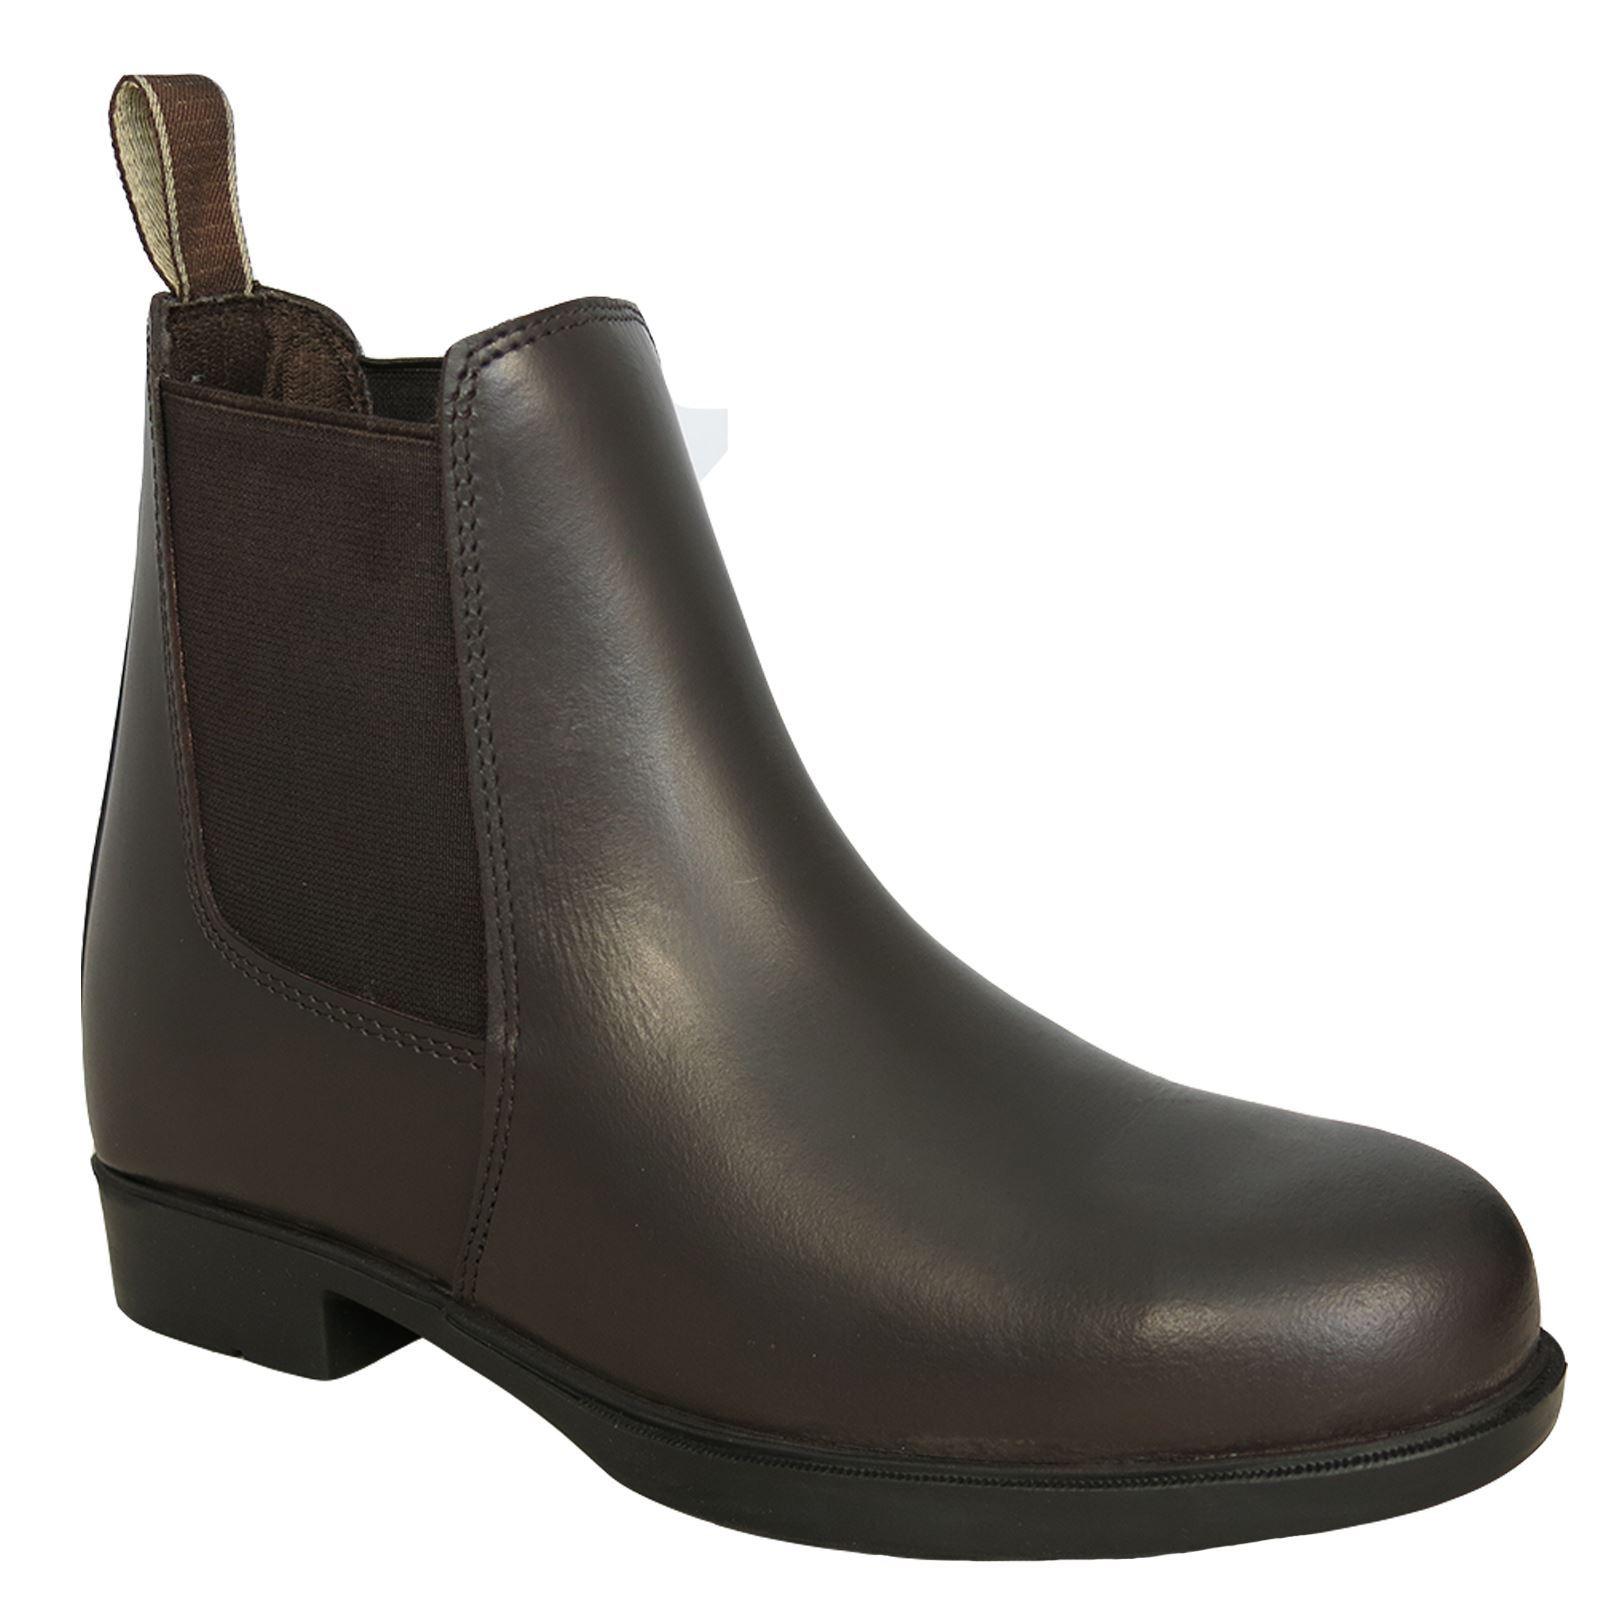 Horze Jodhpur Pull-On Boot with Steel Toe Horze Equestrian